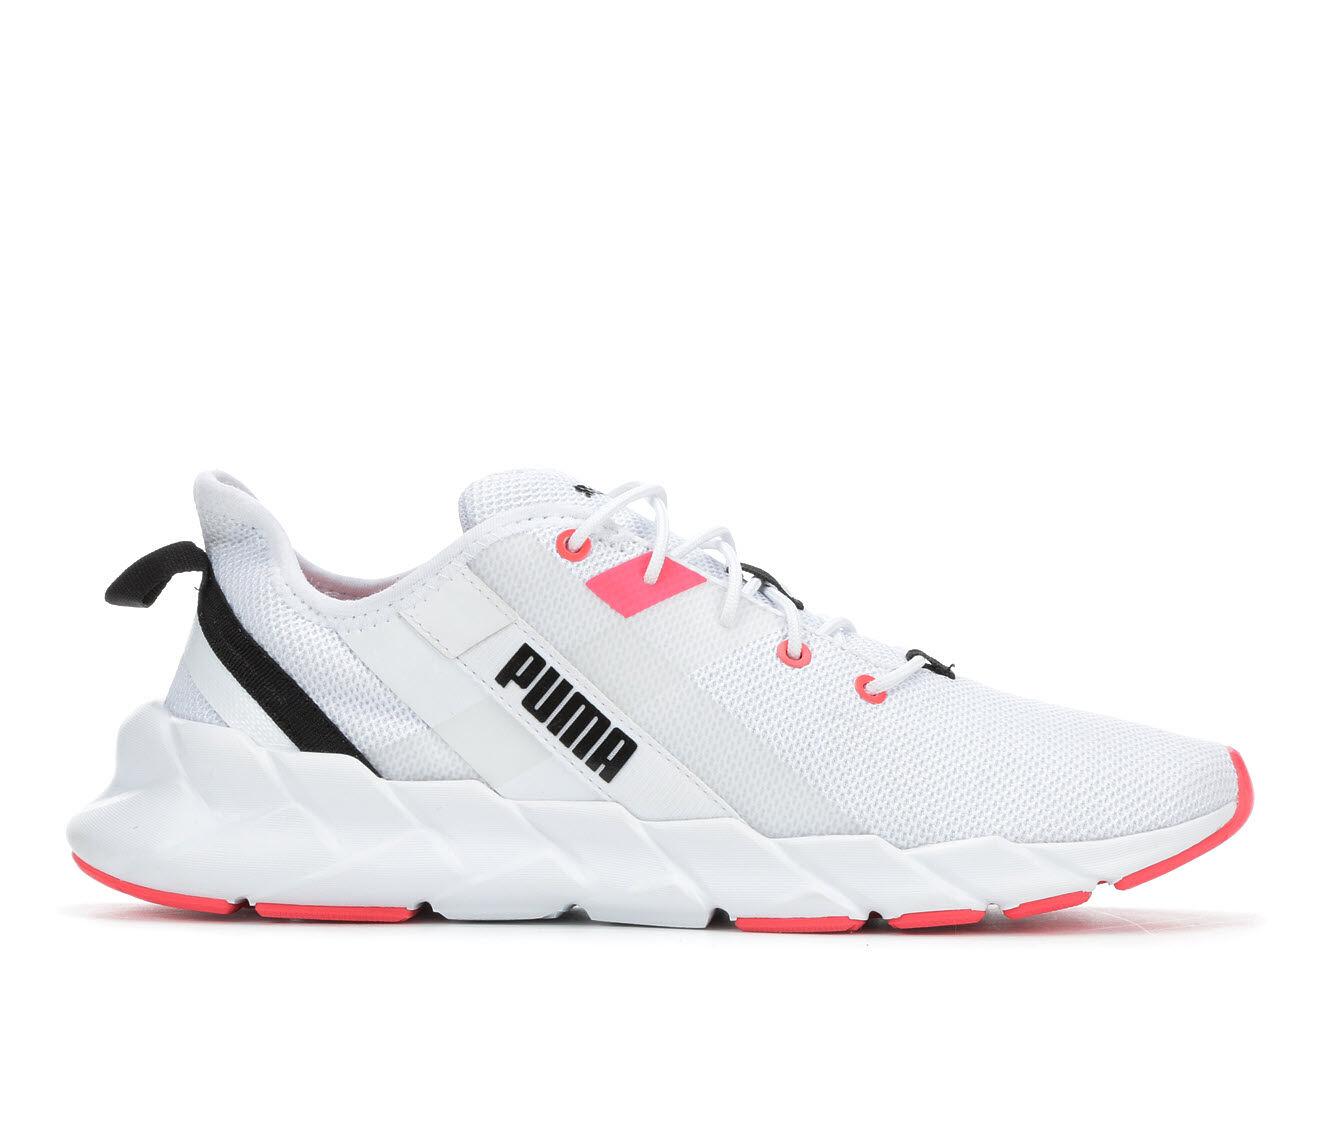 Women's Puma Weave XT Sneakers White/Pink/Blk